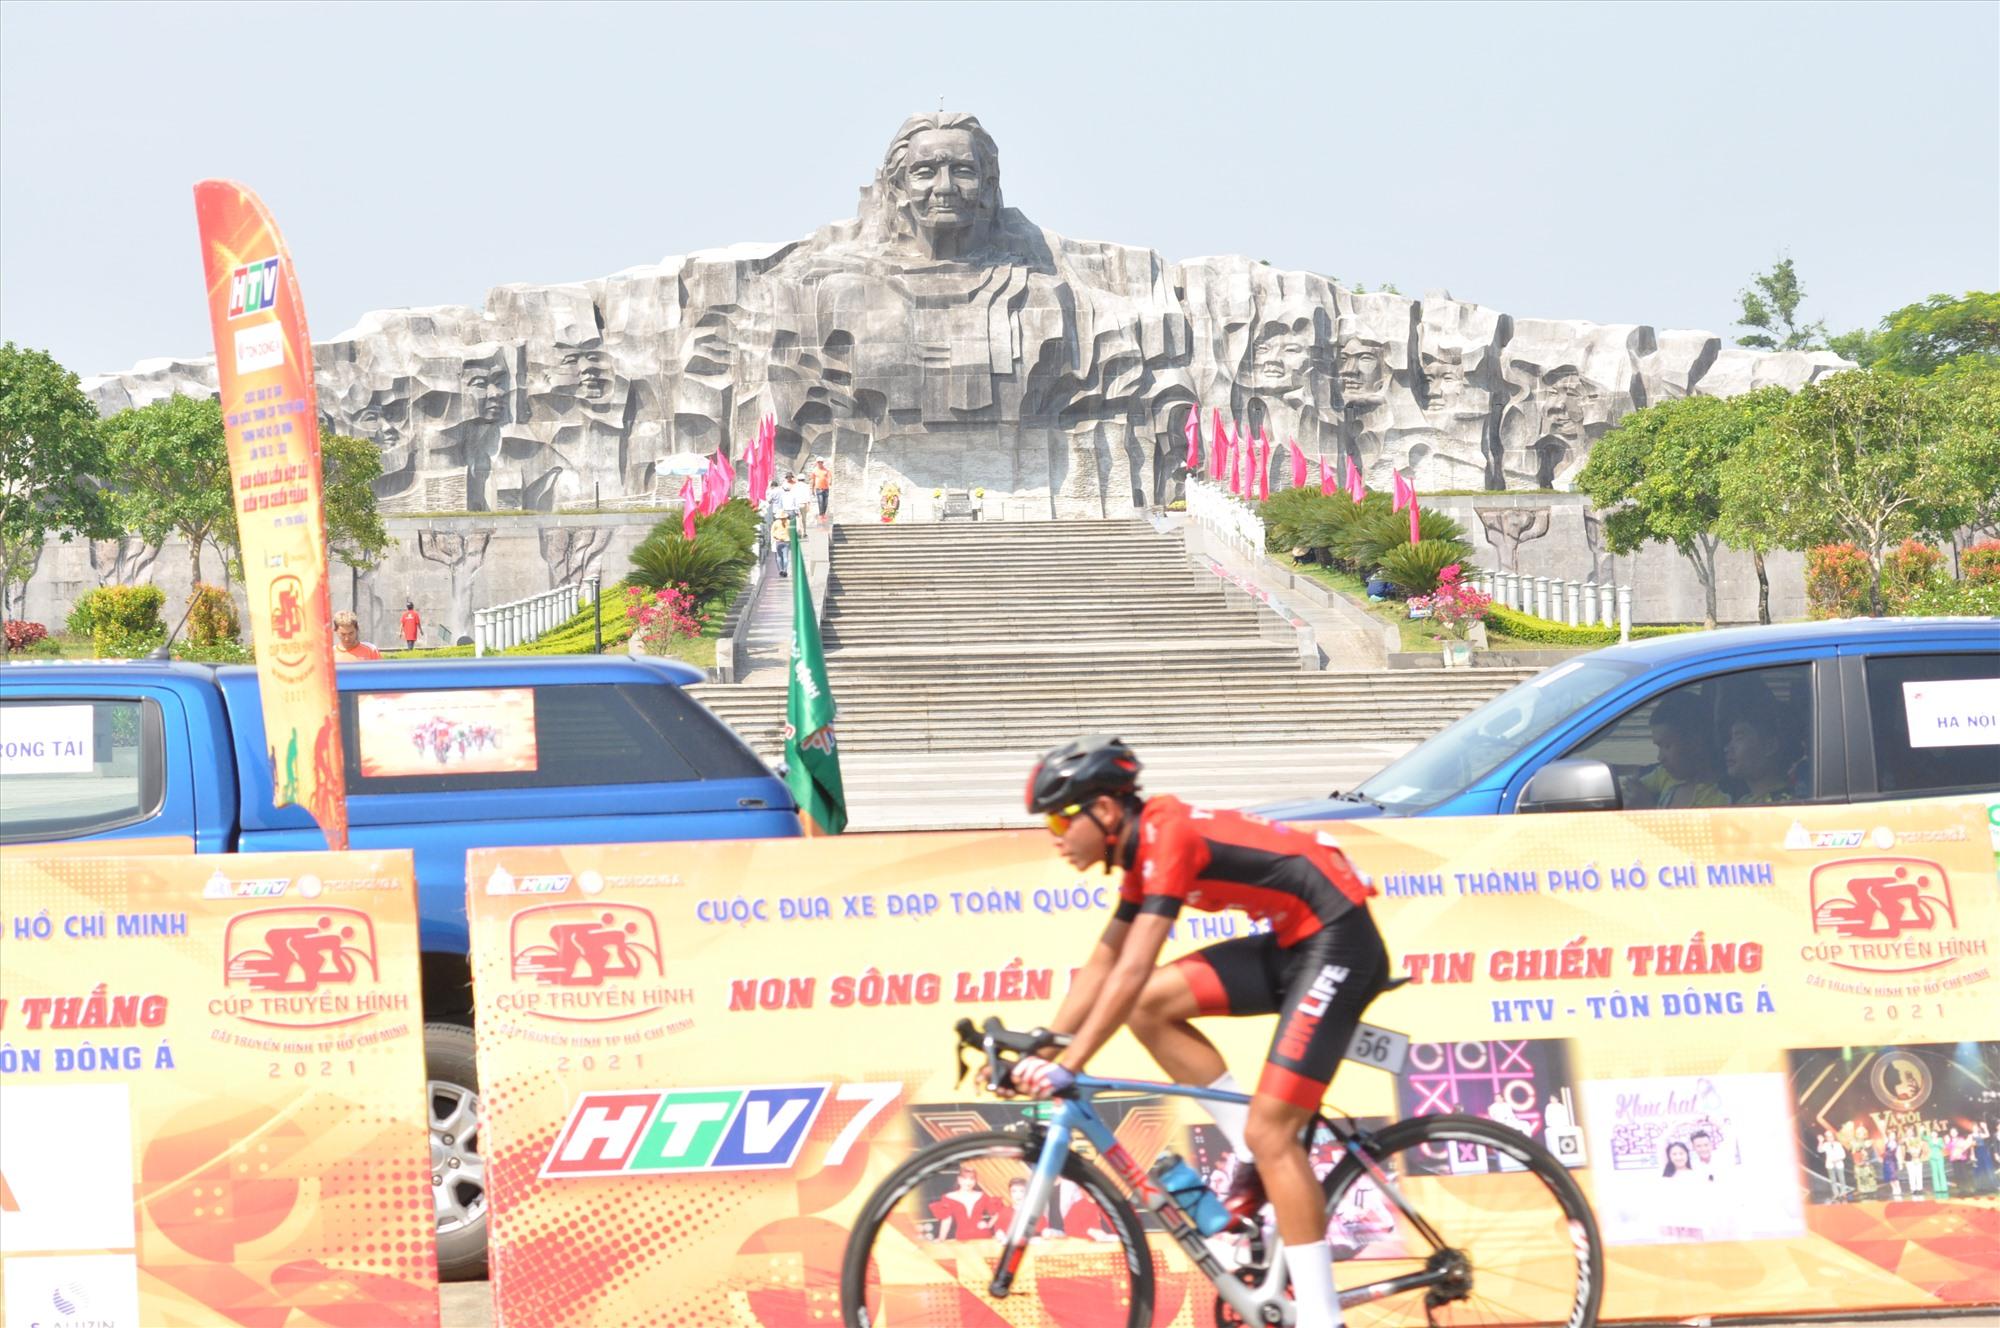 Tổ chức chặng đua trước tượng đài mẹ Việt Nam anh hùng tạo nên ý nghĩa sâu sắc cho cuộc đua năm nay. Ảnh: T.VY